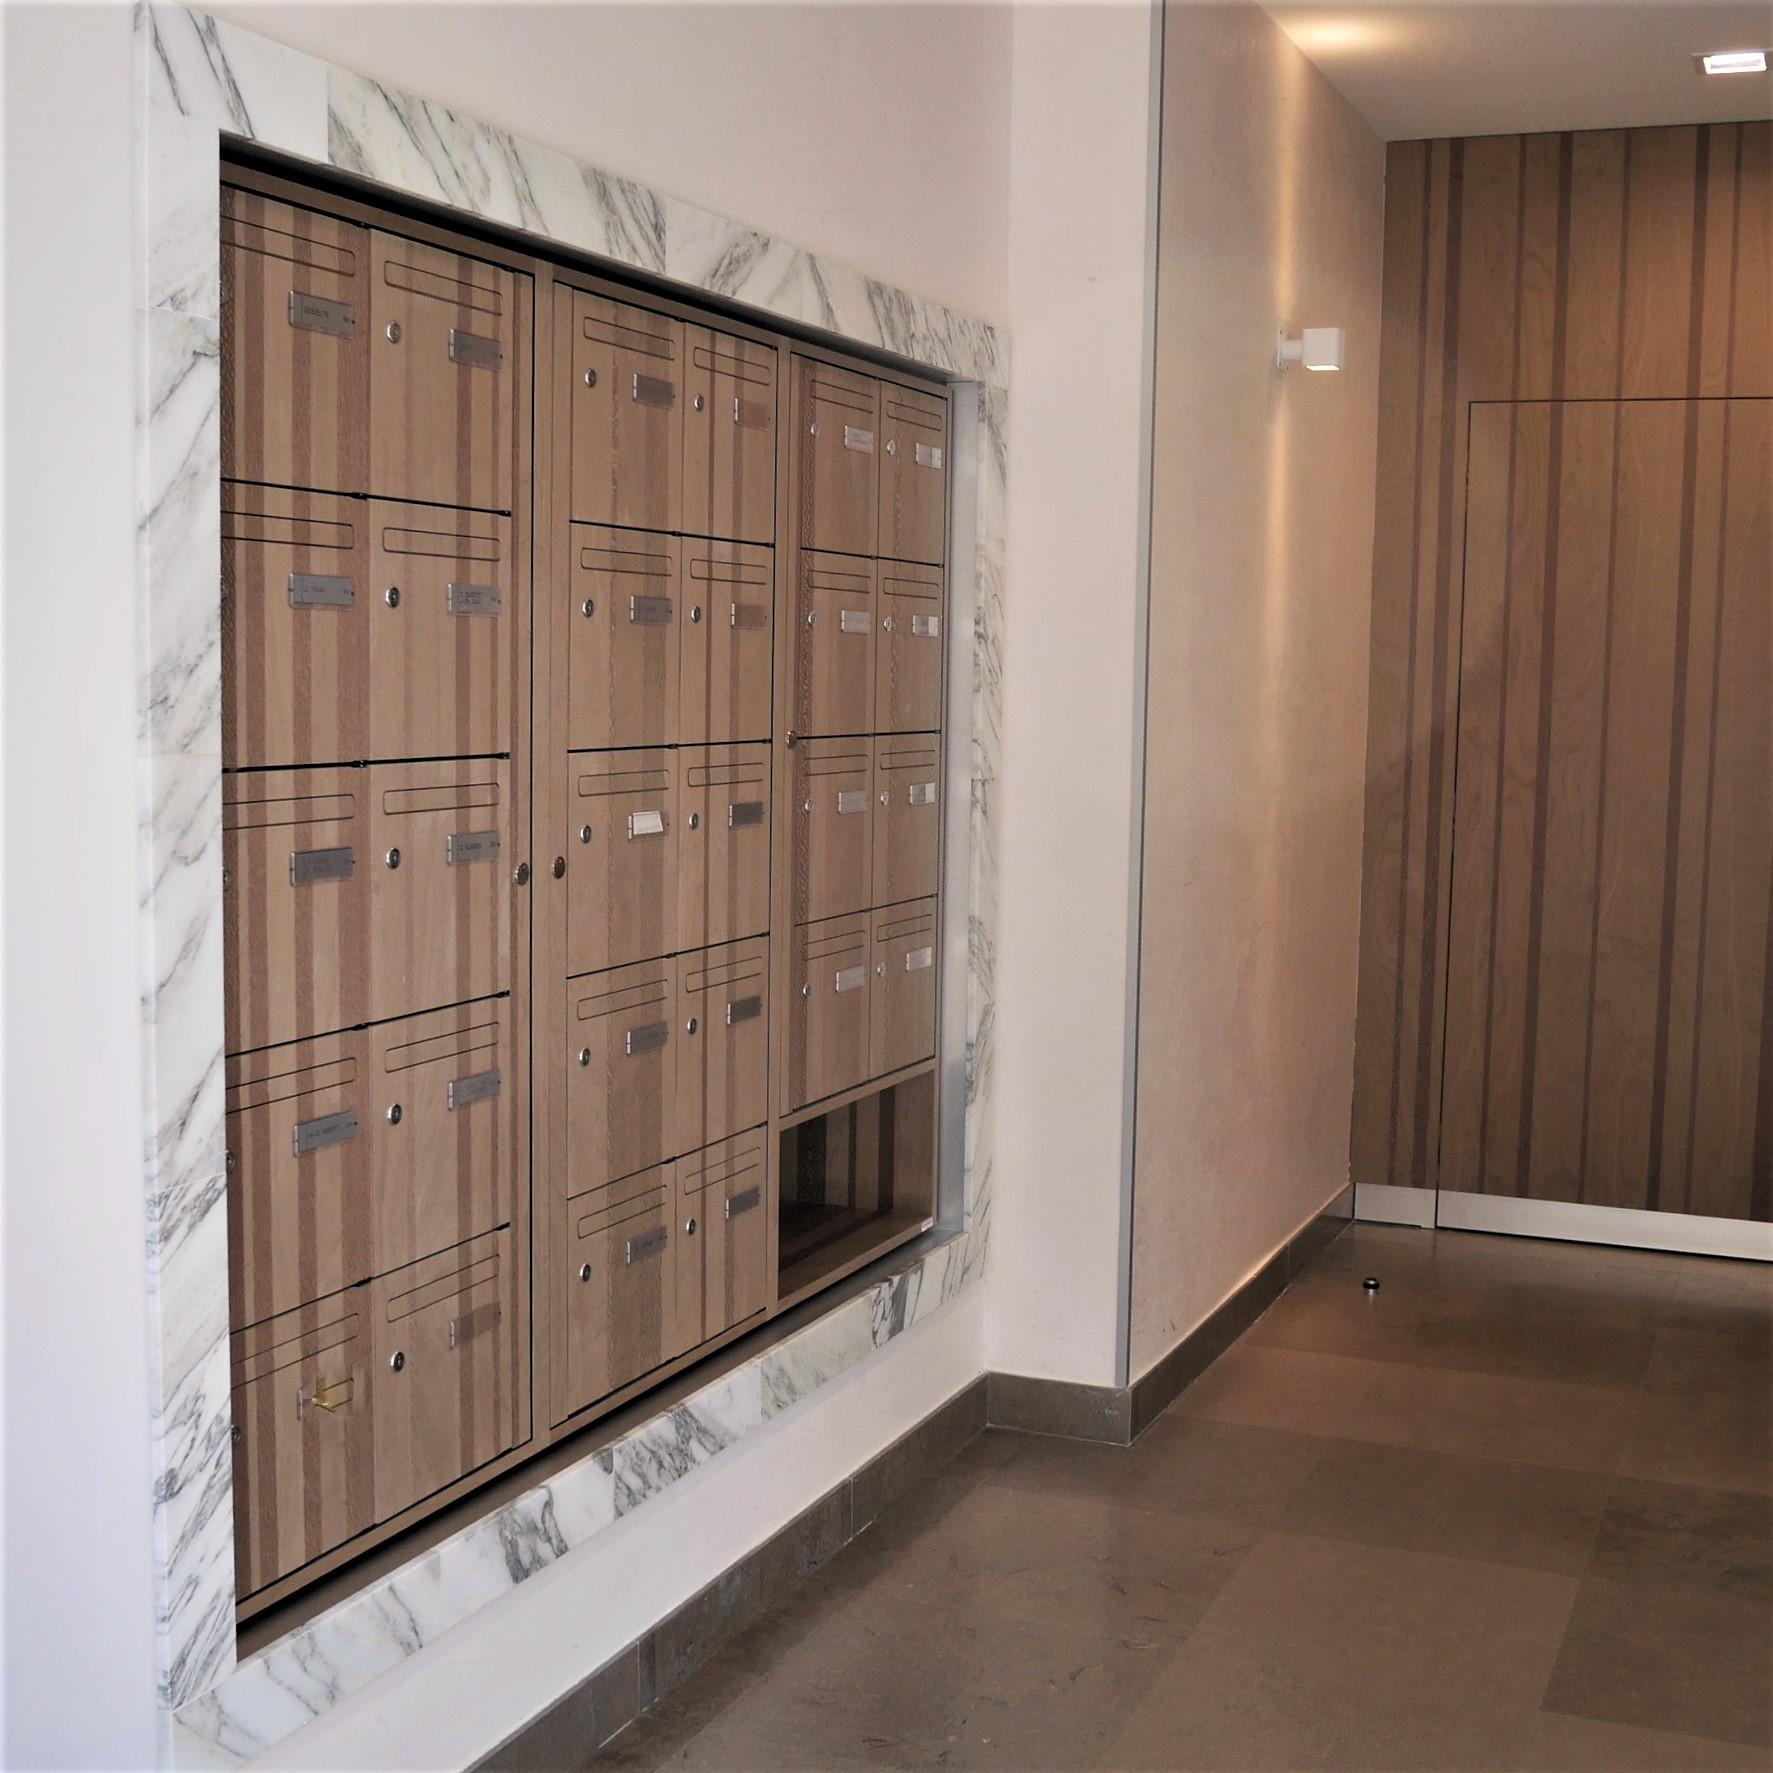 Boites aux lettre avec placage bois Marotte collection Bayadere finition verni